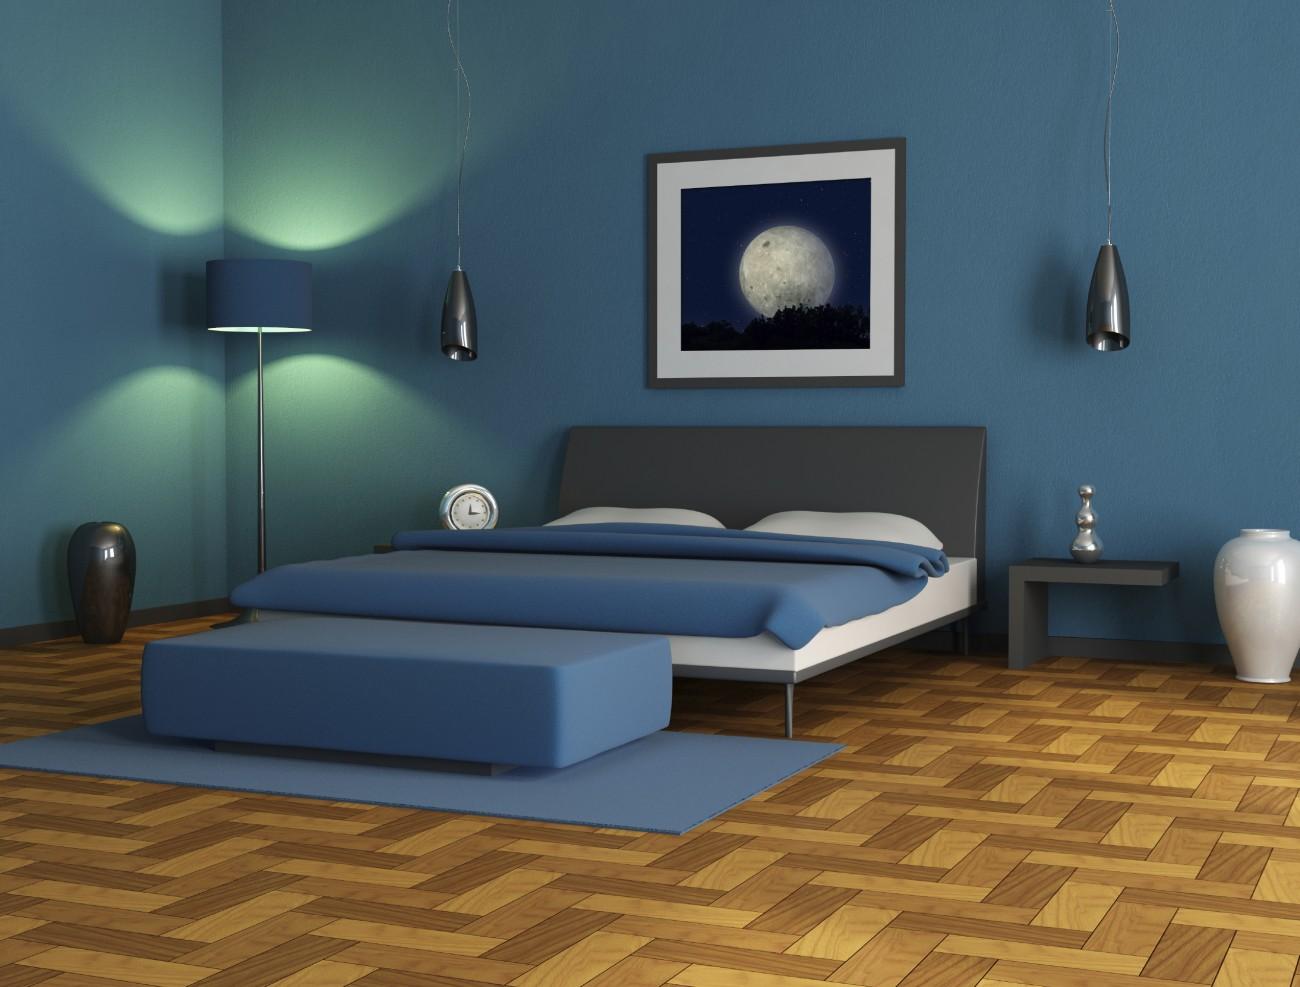 die ideale wandfarbe fürs schlafzimmer | erdbeerlounge.de - Farbe Fürs Schlafzimmer